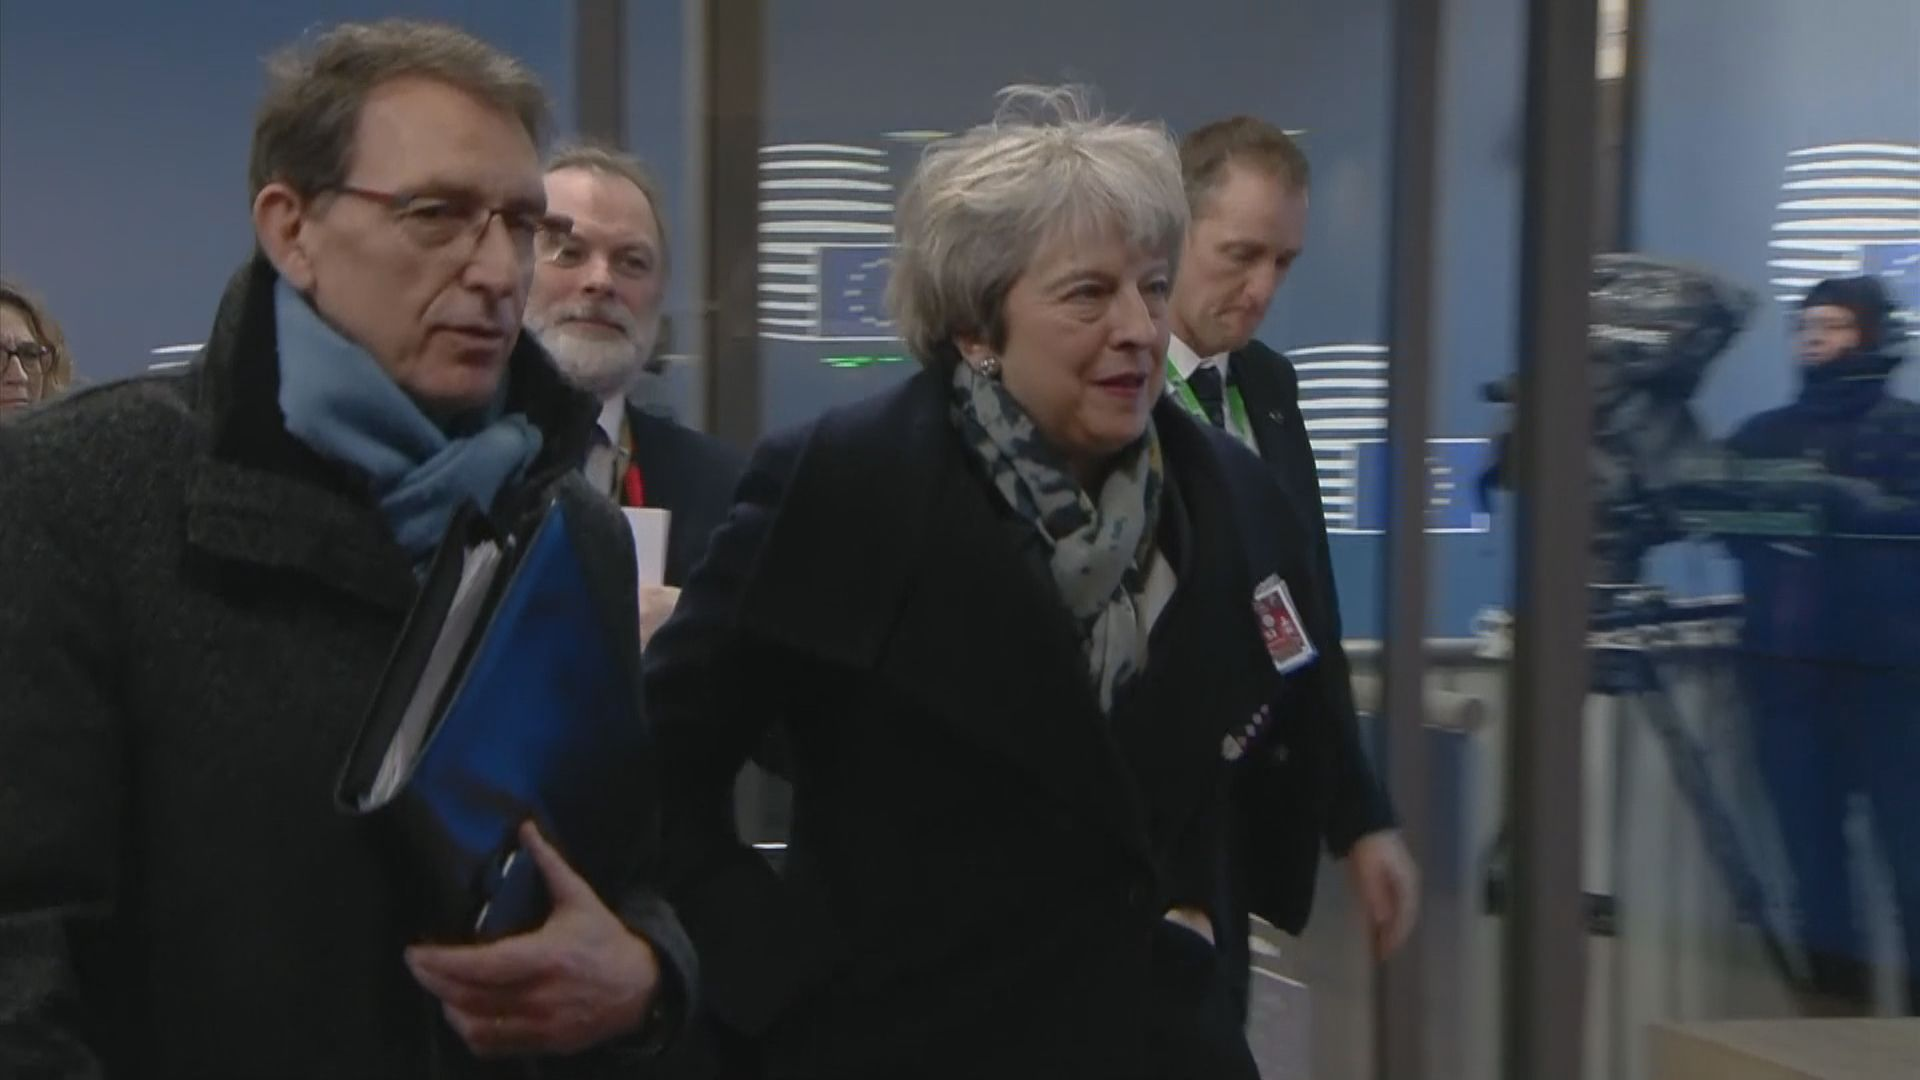 料英國會明年才表決脫歐協議草案